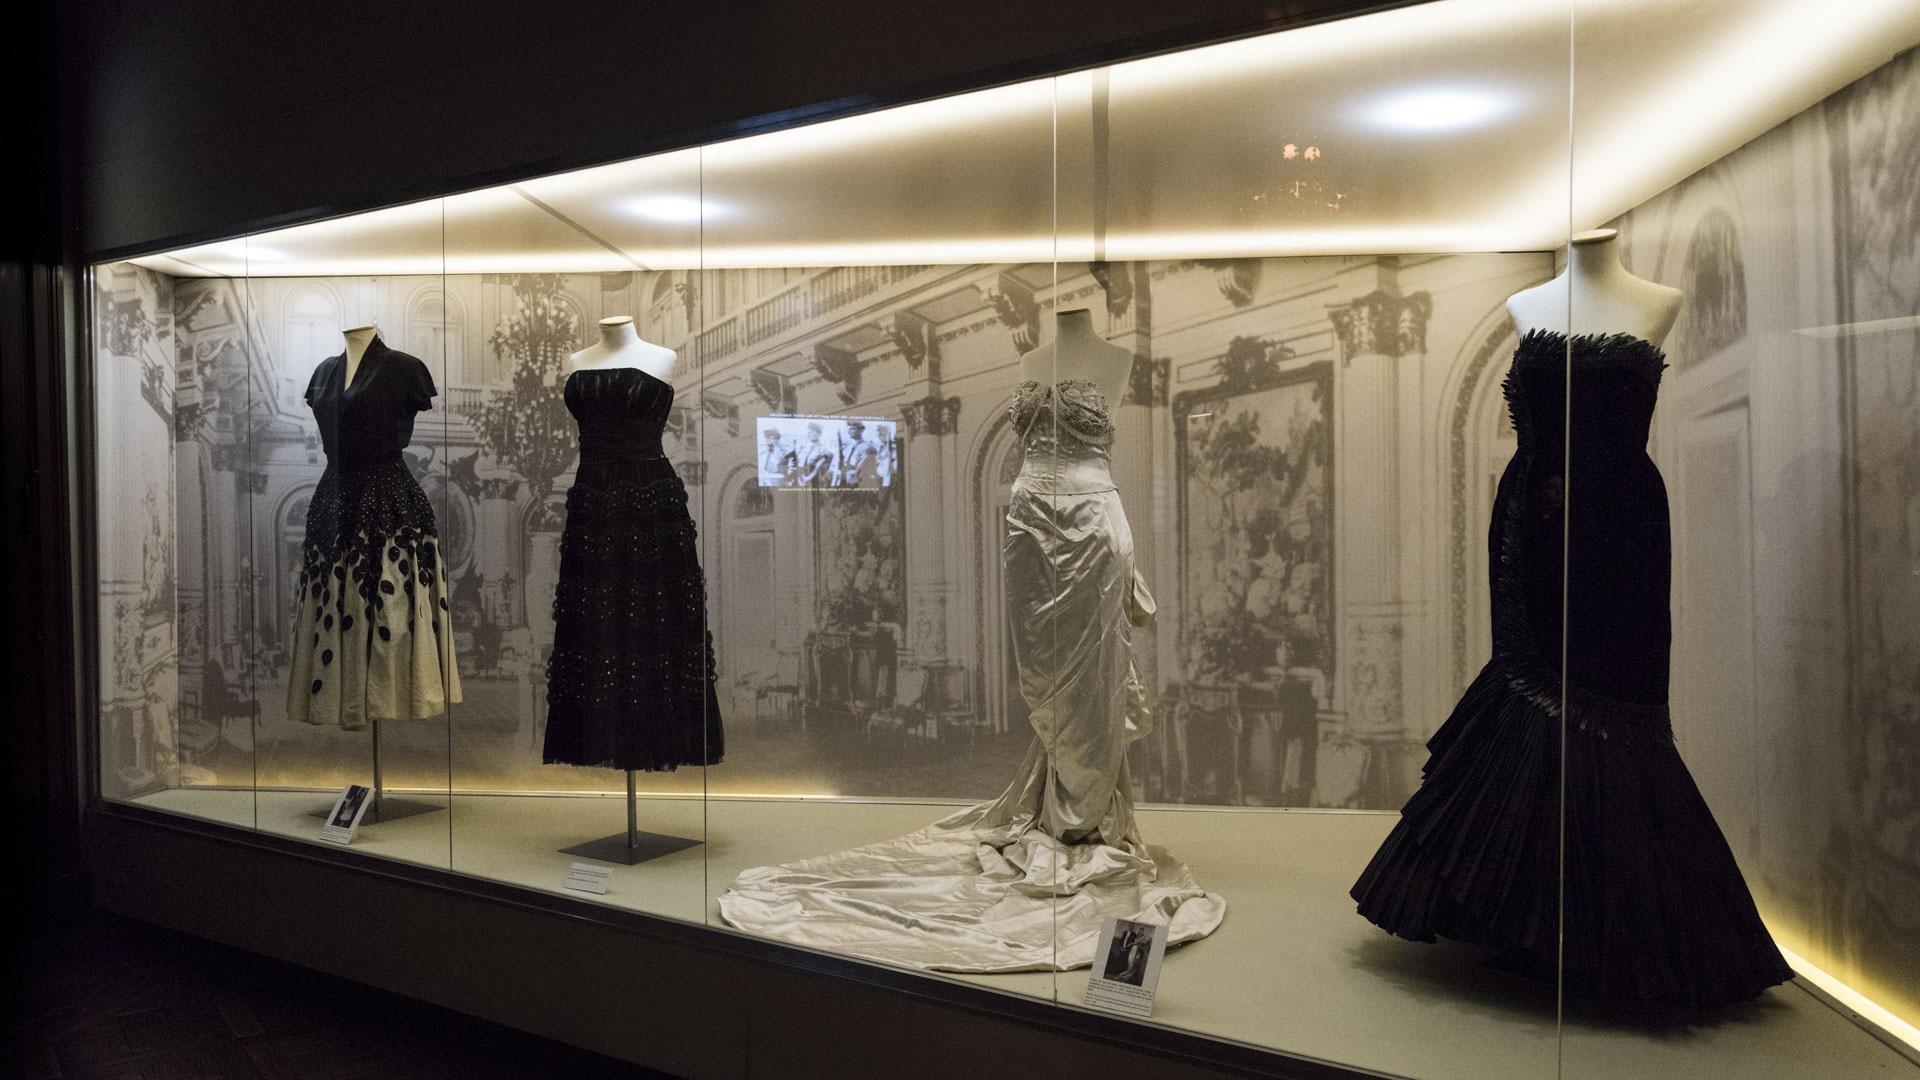 La mayoría de los vestidos exhibidos en la primera sala del museo son de modistos argentinos. En su gira a Europa, la mujer de Juan Domingo Perón vistió trajes de diseñadores nacionales